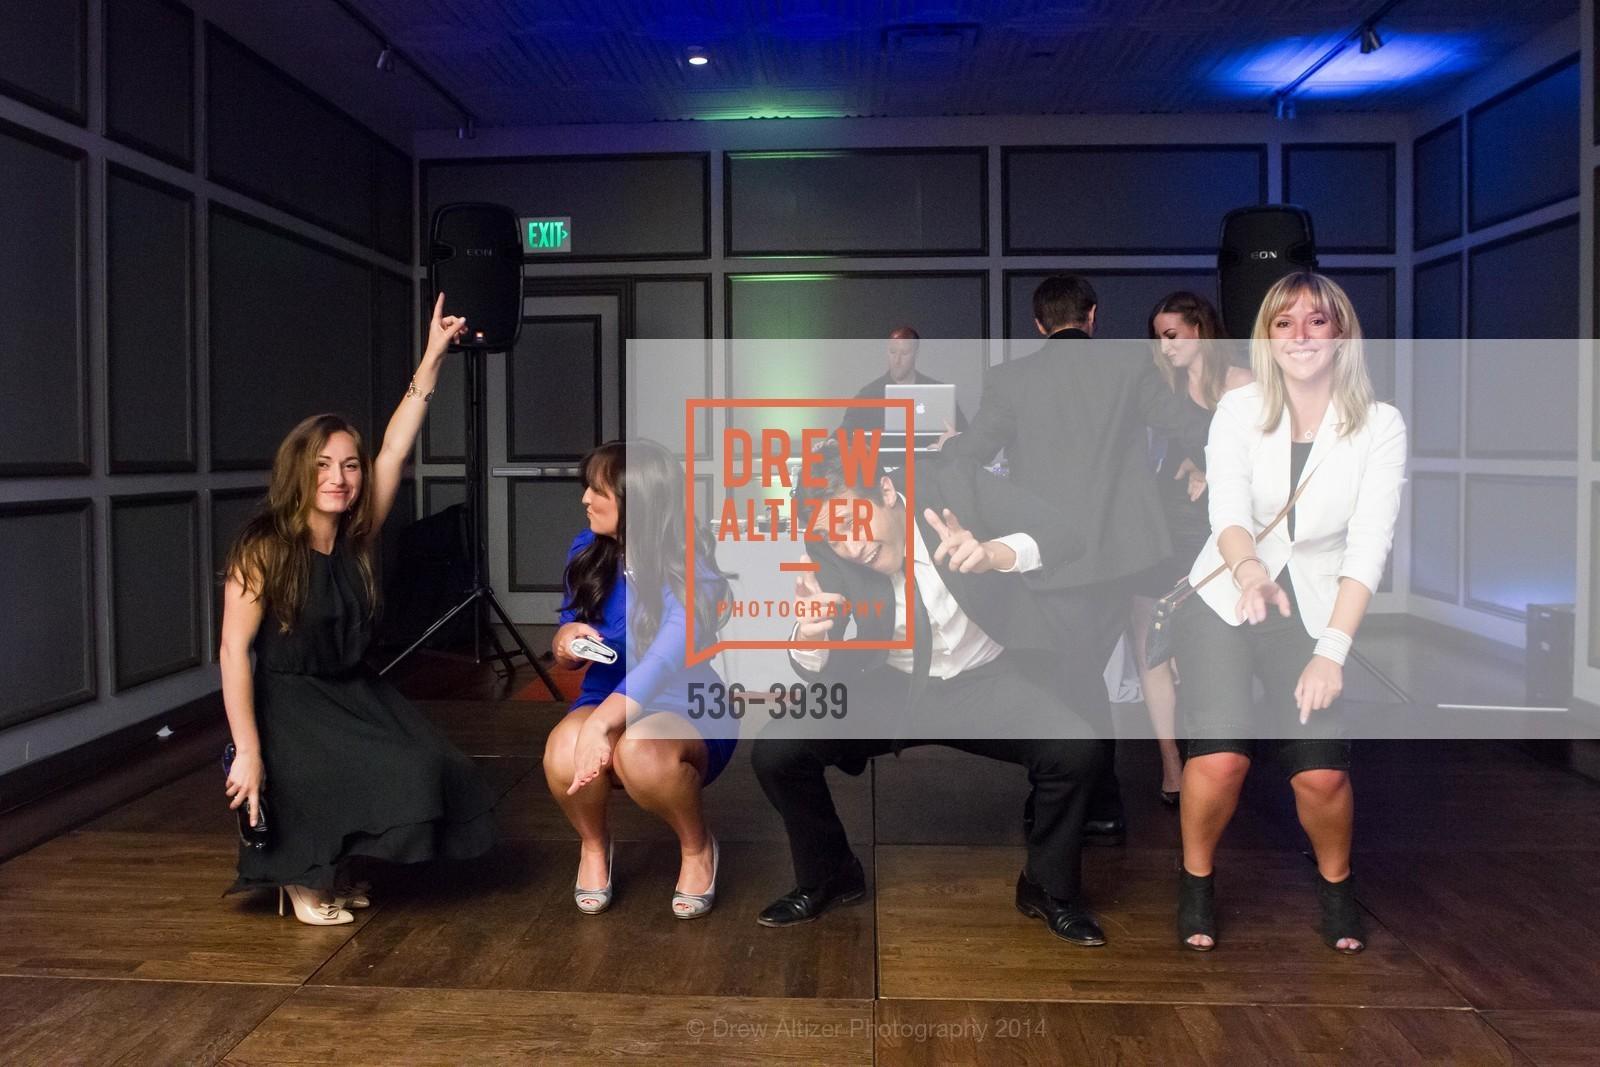 Dance Floor, Photo #536-3939